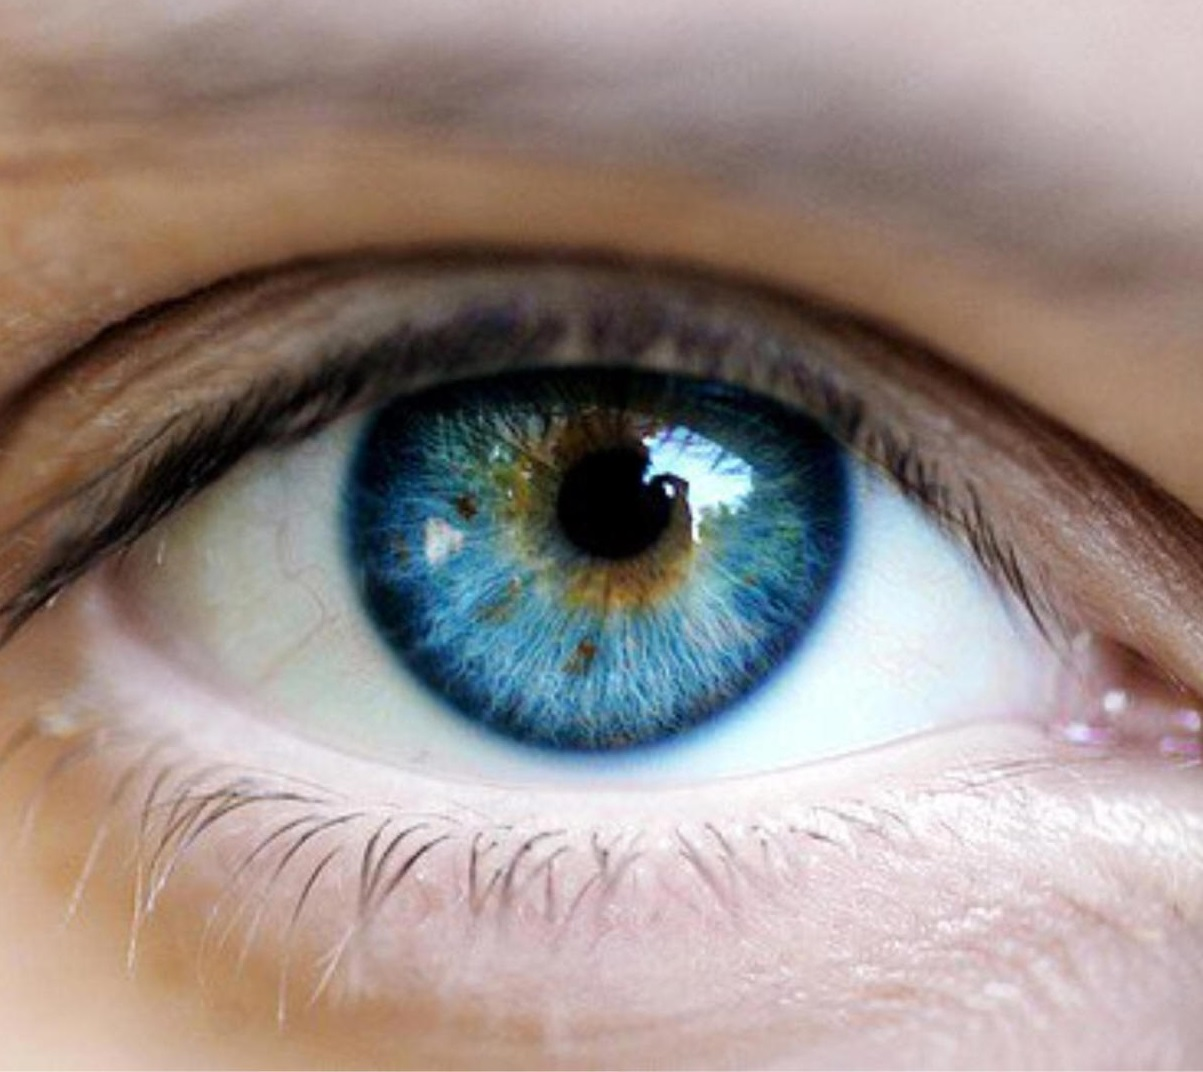 mondások a látásról és a szemről a rossz látás helyreállításához